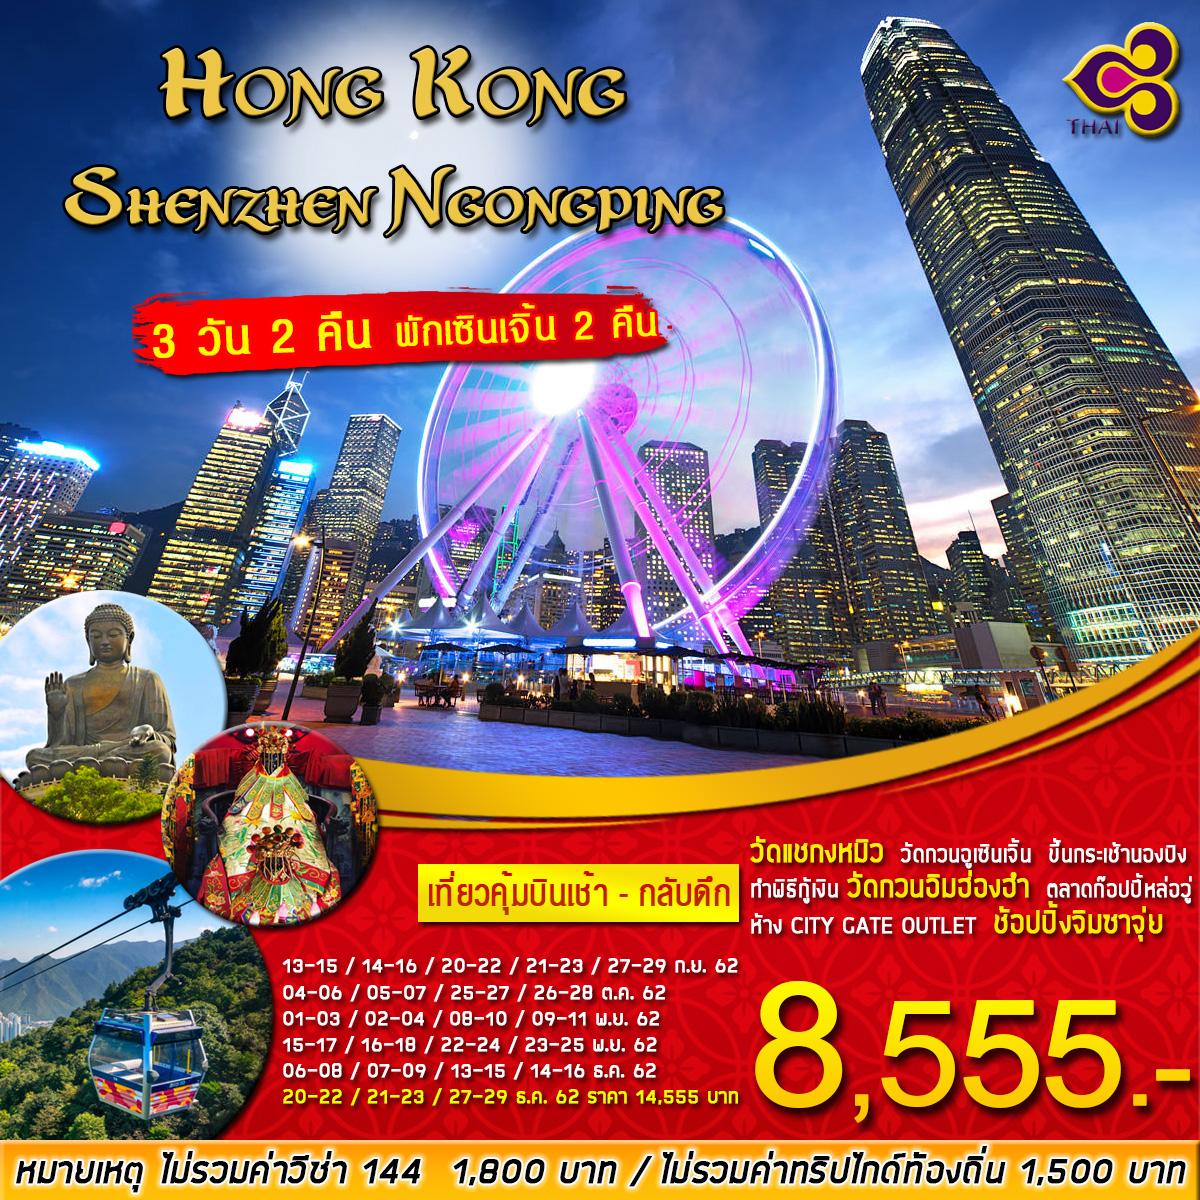 (HKSZTG) HONGKONG SHENZHEN NONGPING BY TG